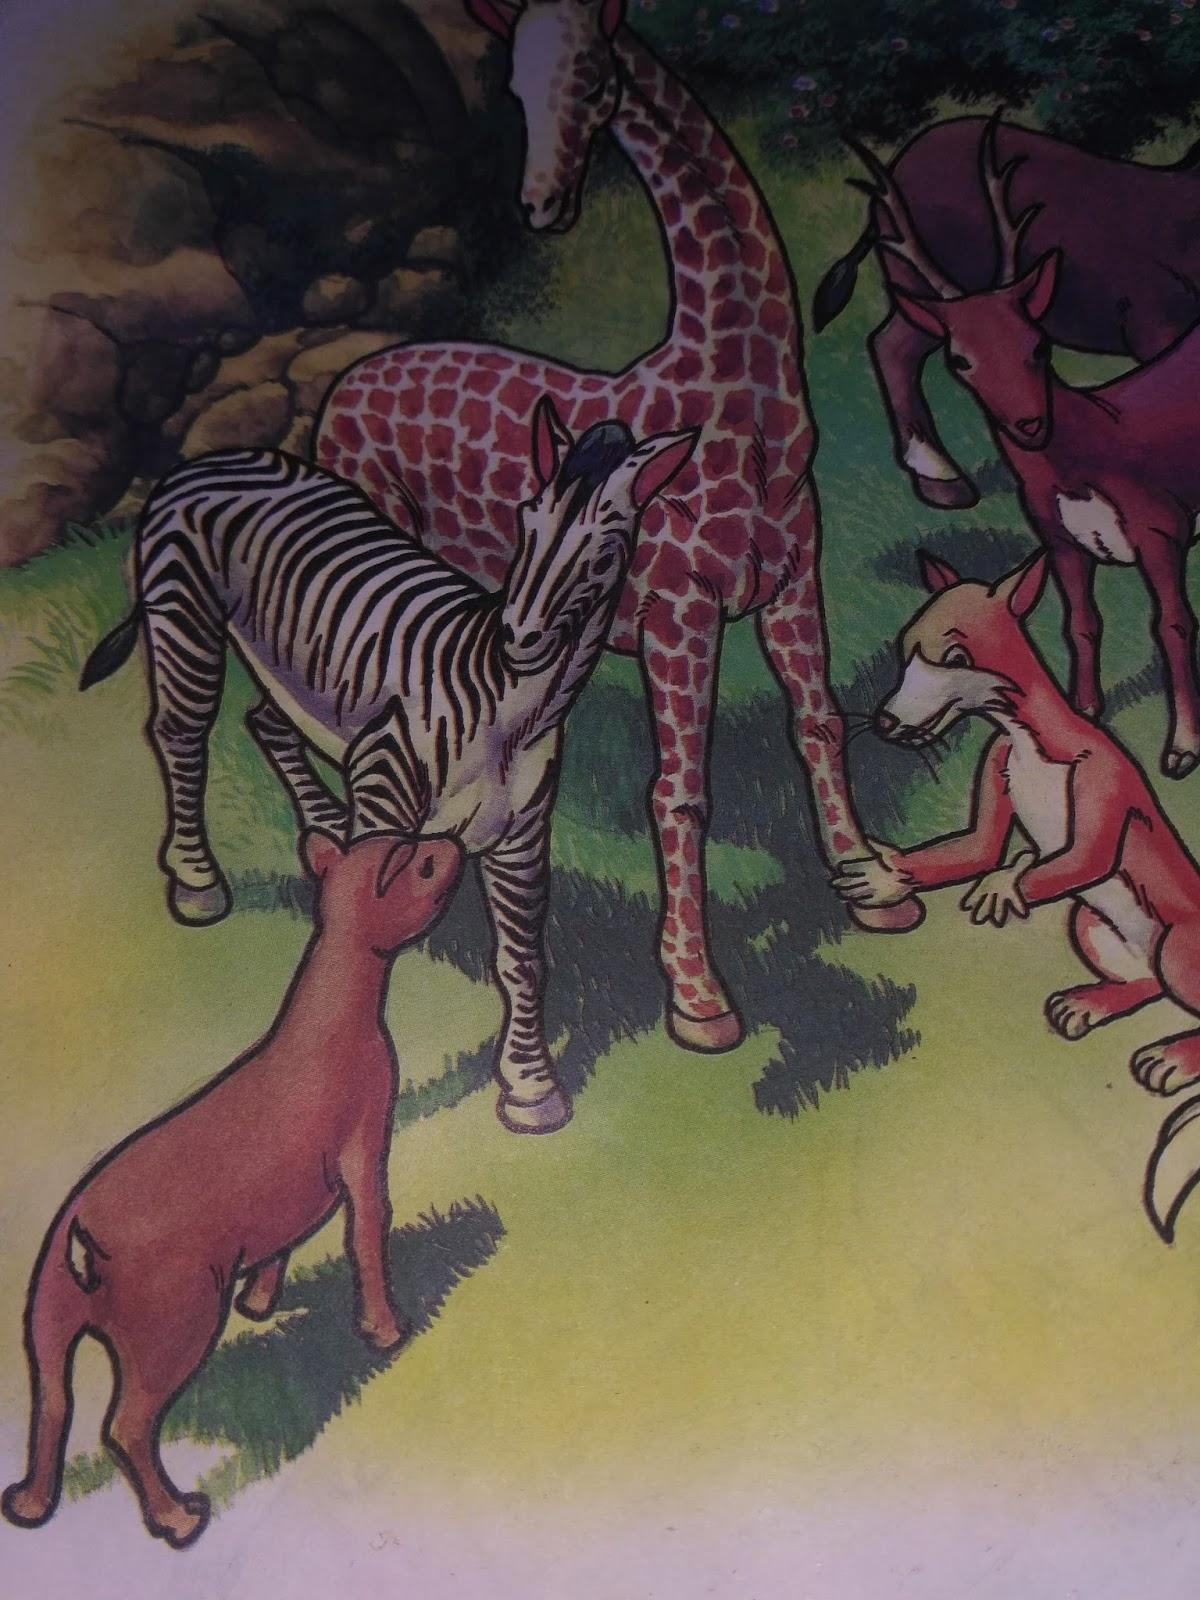 cerita kancil dengan gajah, kancil dengan buaya, kancil dengan harimau, kancil dengan semut, kancil dengan binatang buas